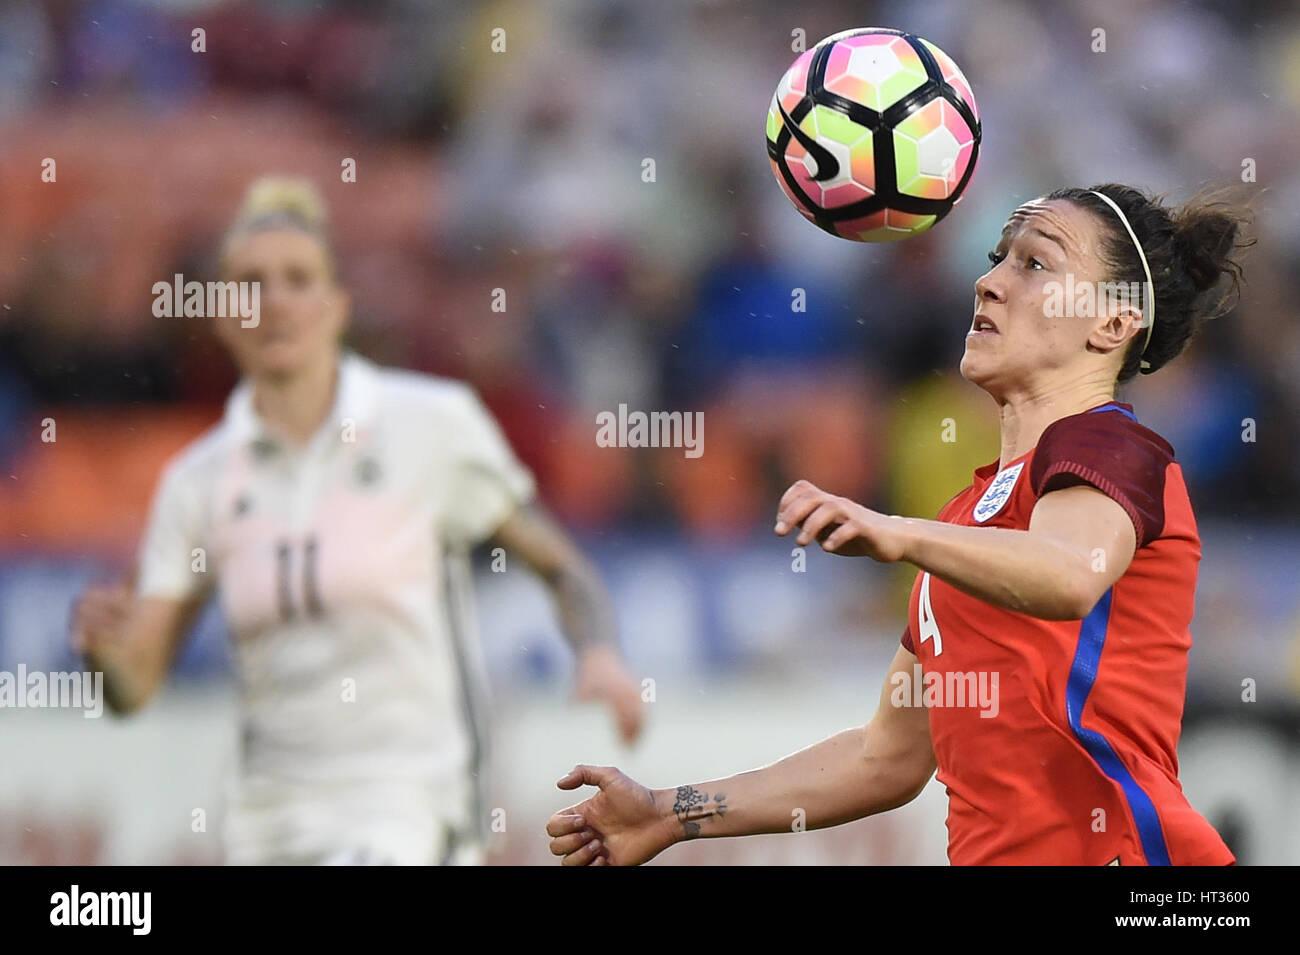 Washington DC, Estados Unidos. 07 Mar, 2017. Inglaterra's Lucy Bronce (4) mantiene sus ojos en la pelota durante Imagen De Stock